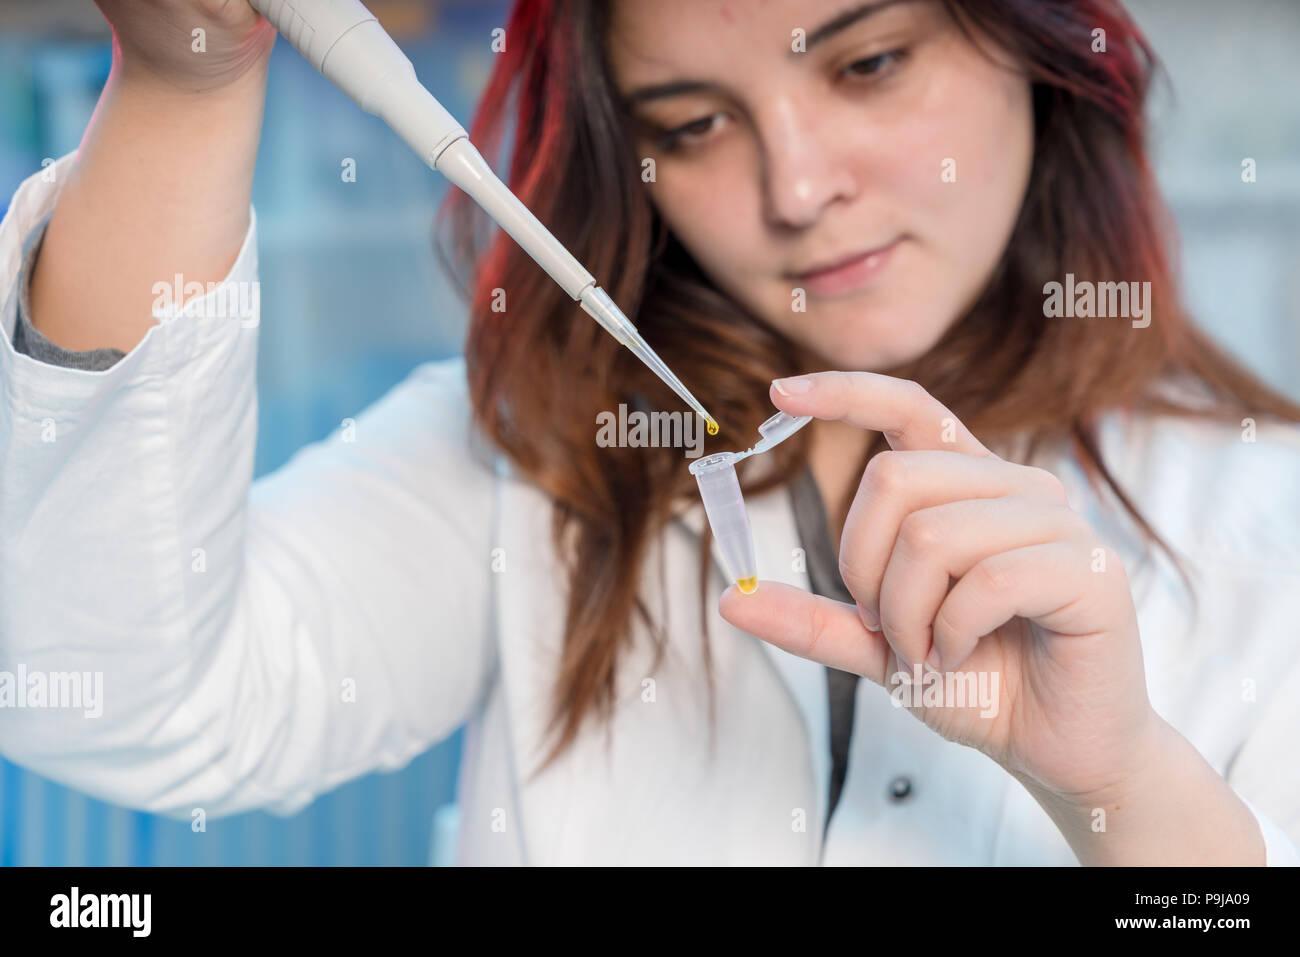 Mujer con multipipette Técnico en laboratorio genético de investigación de PCR. Chica estudiante use pipeta Foto de stock